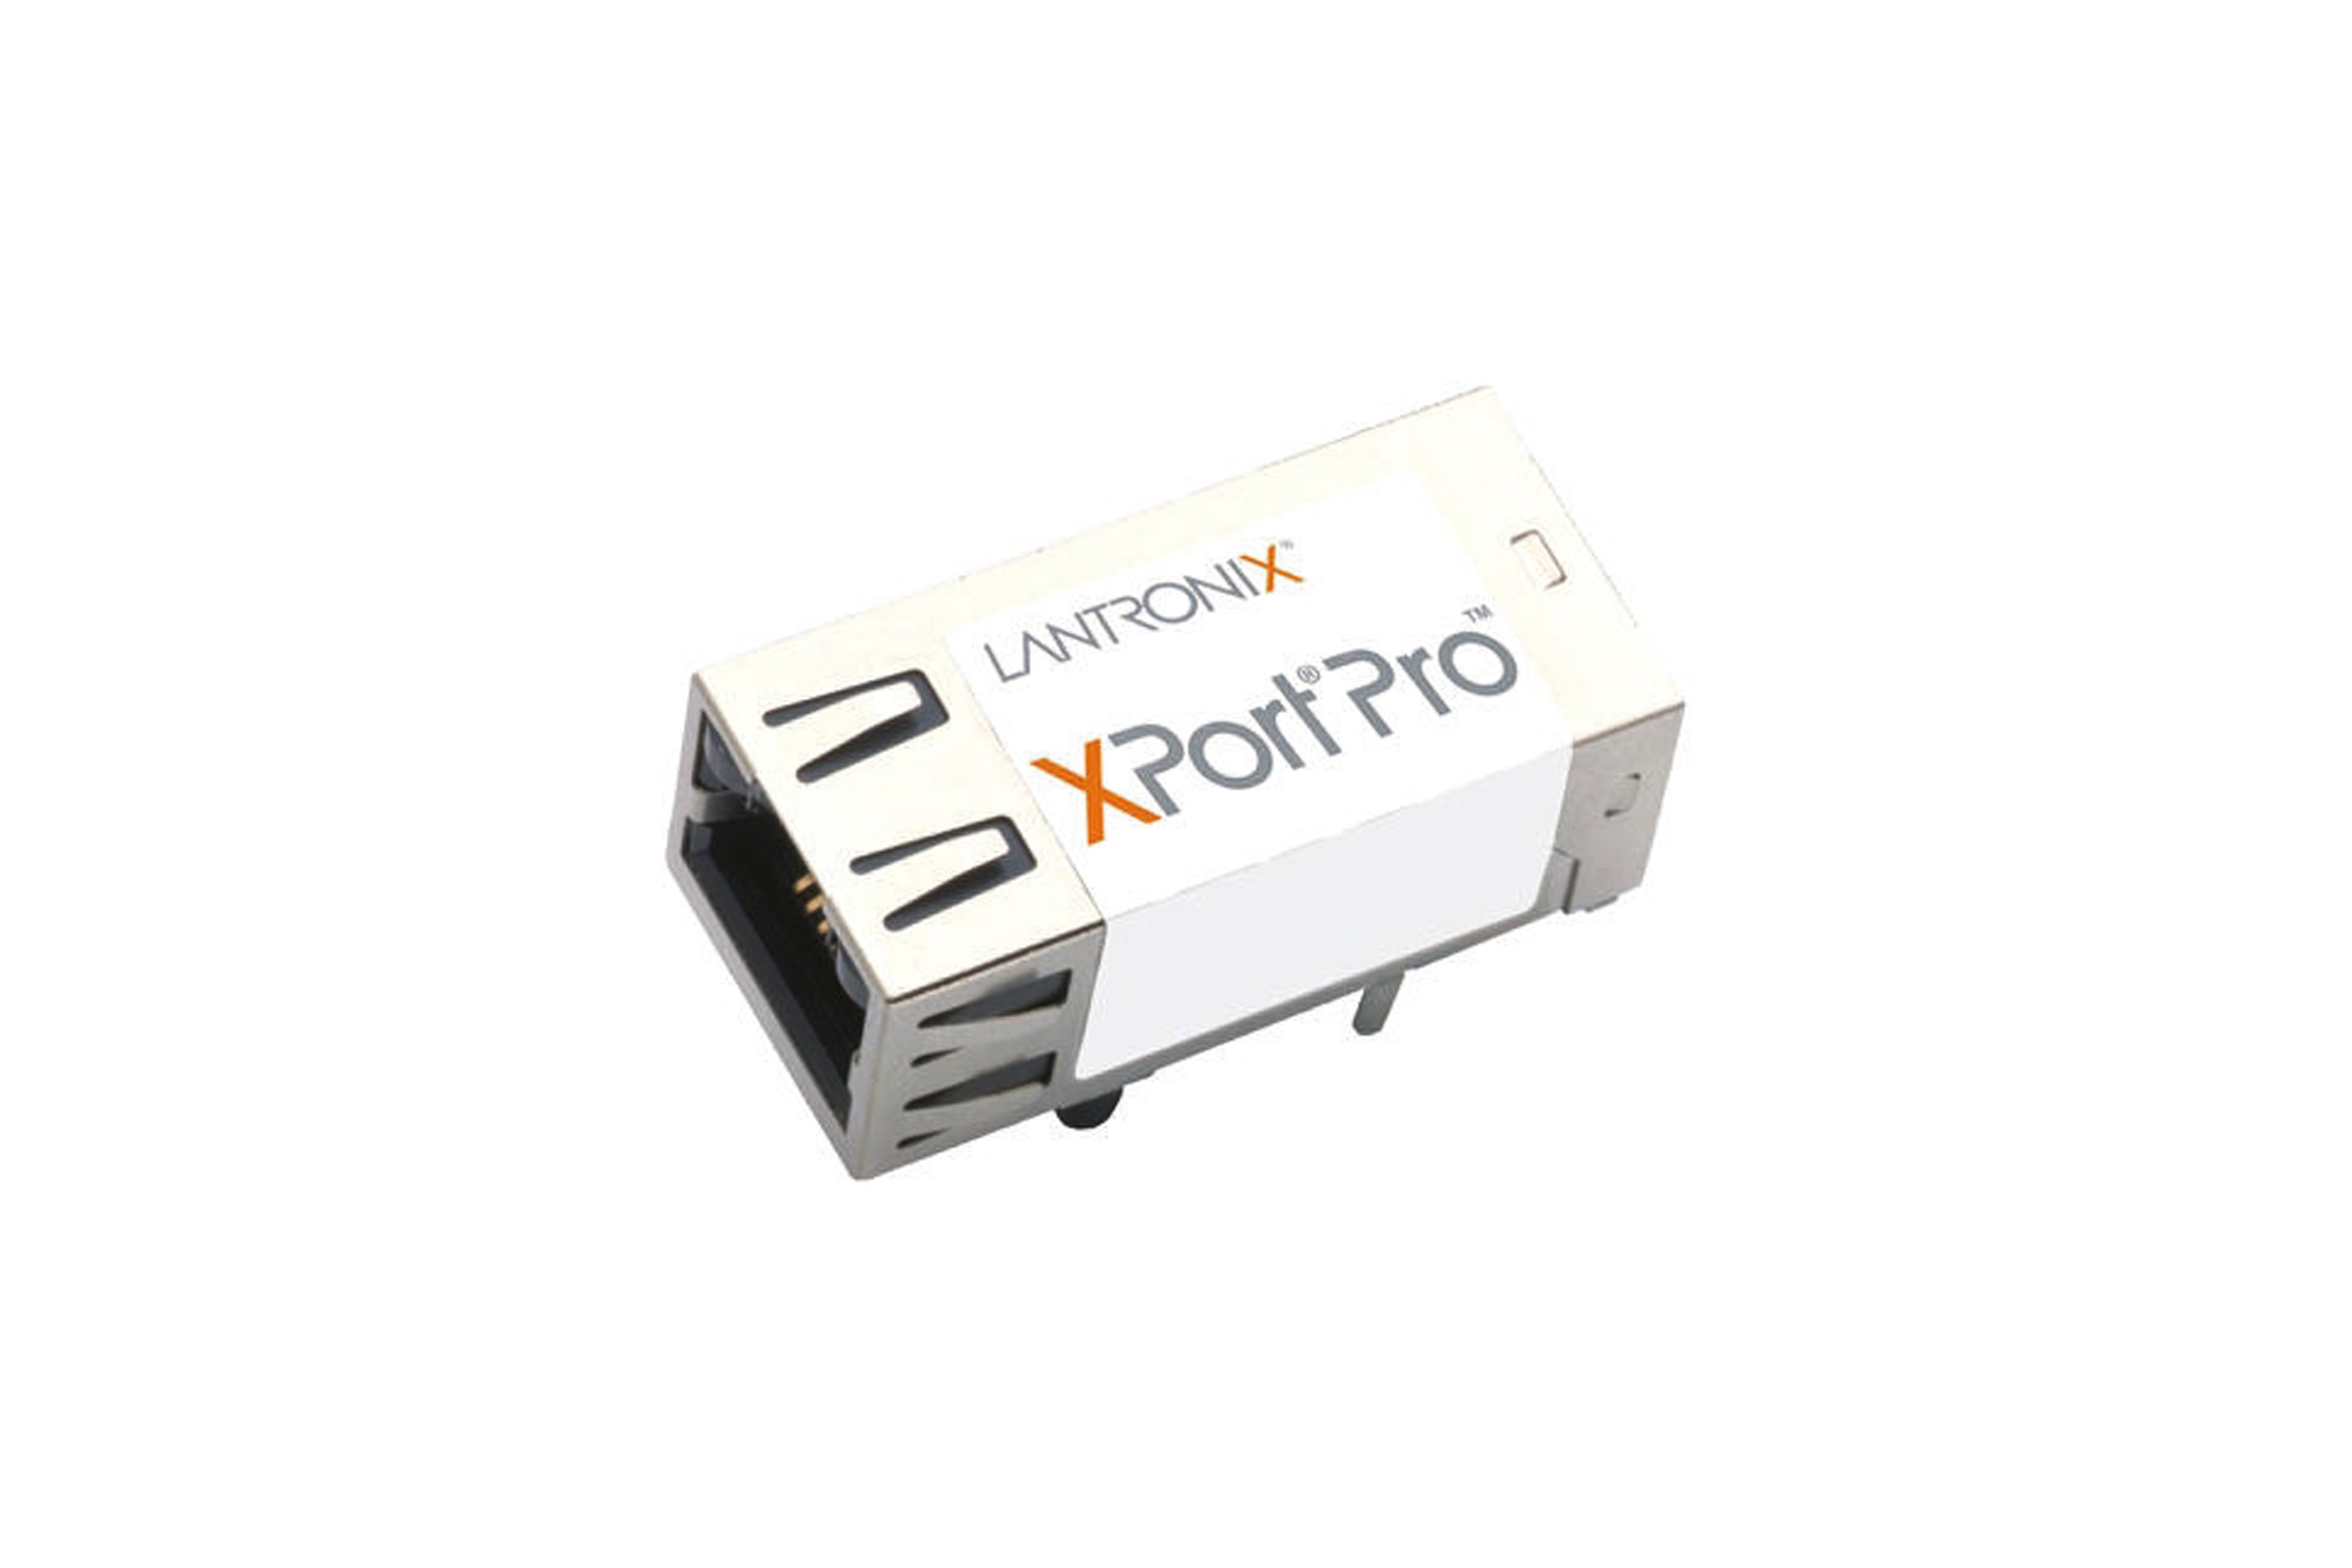 Temp SRAMestesa XPort Pro con crittografia